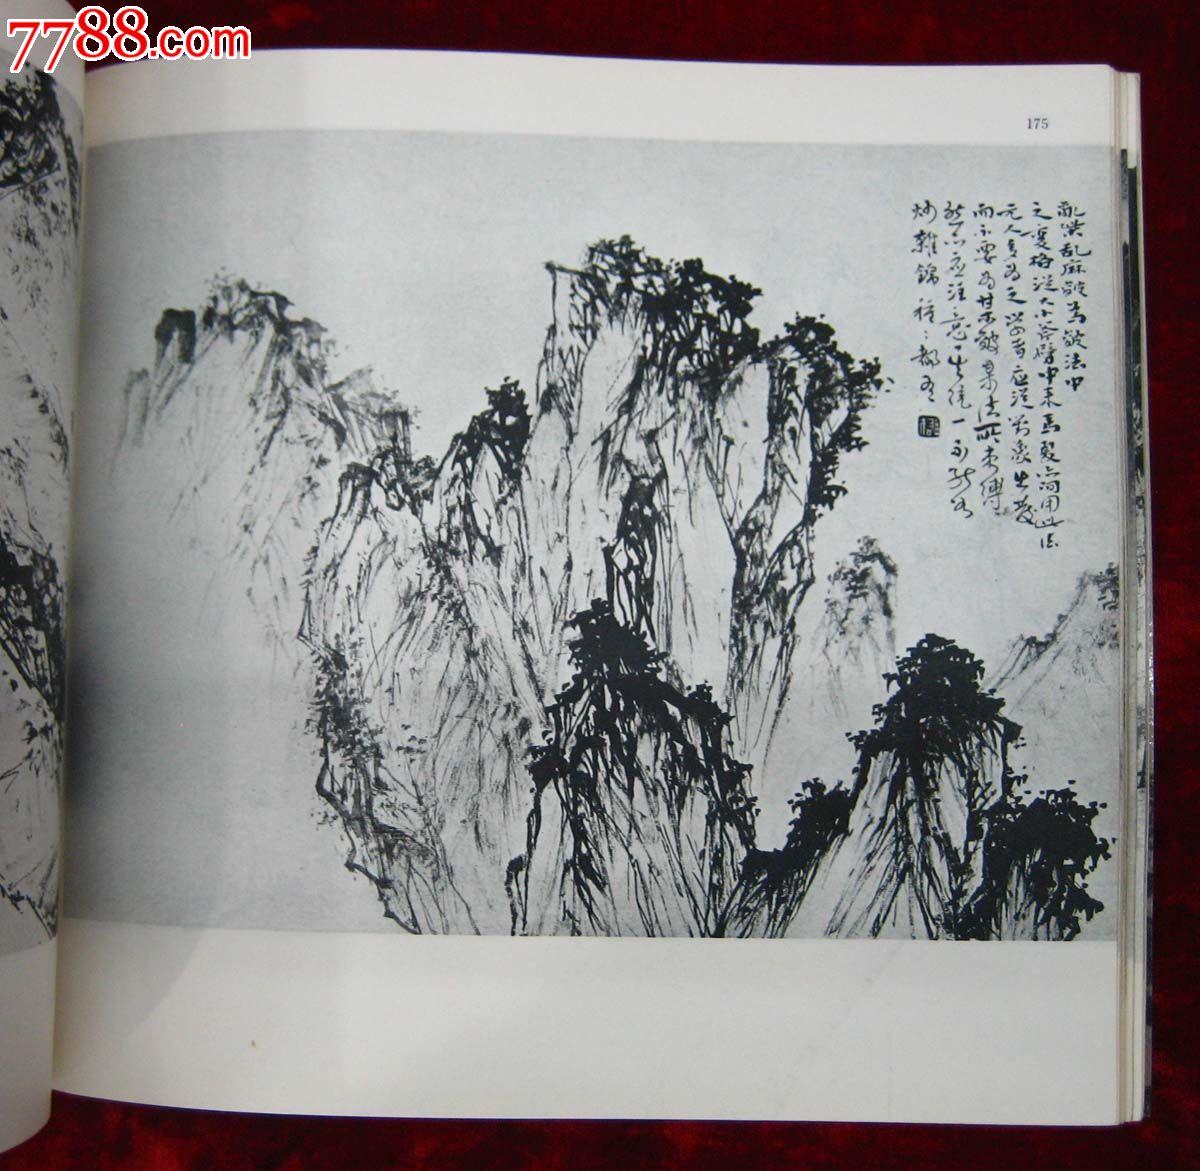 雄才山水画谱 国画画册 se18352540 七七八八画册网